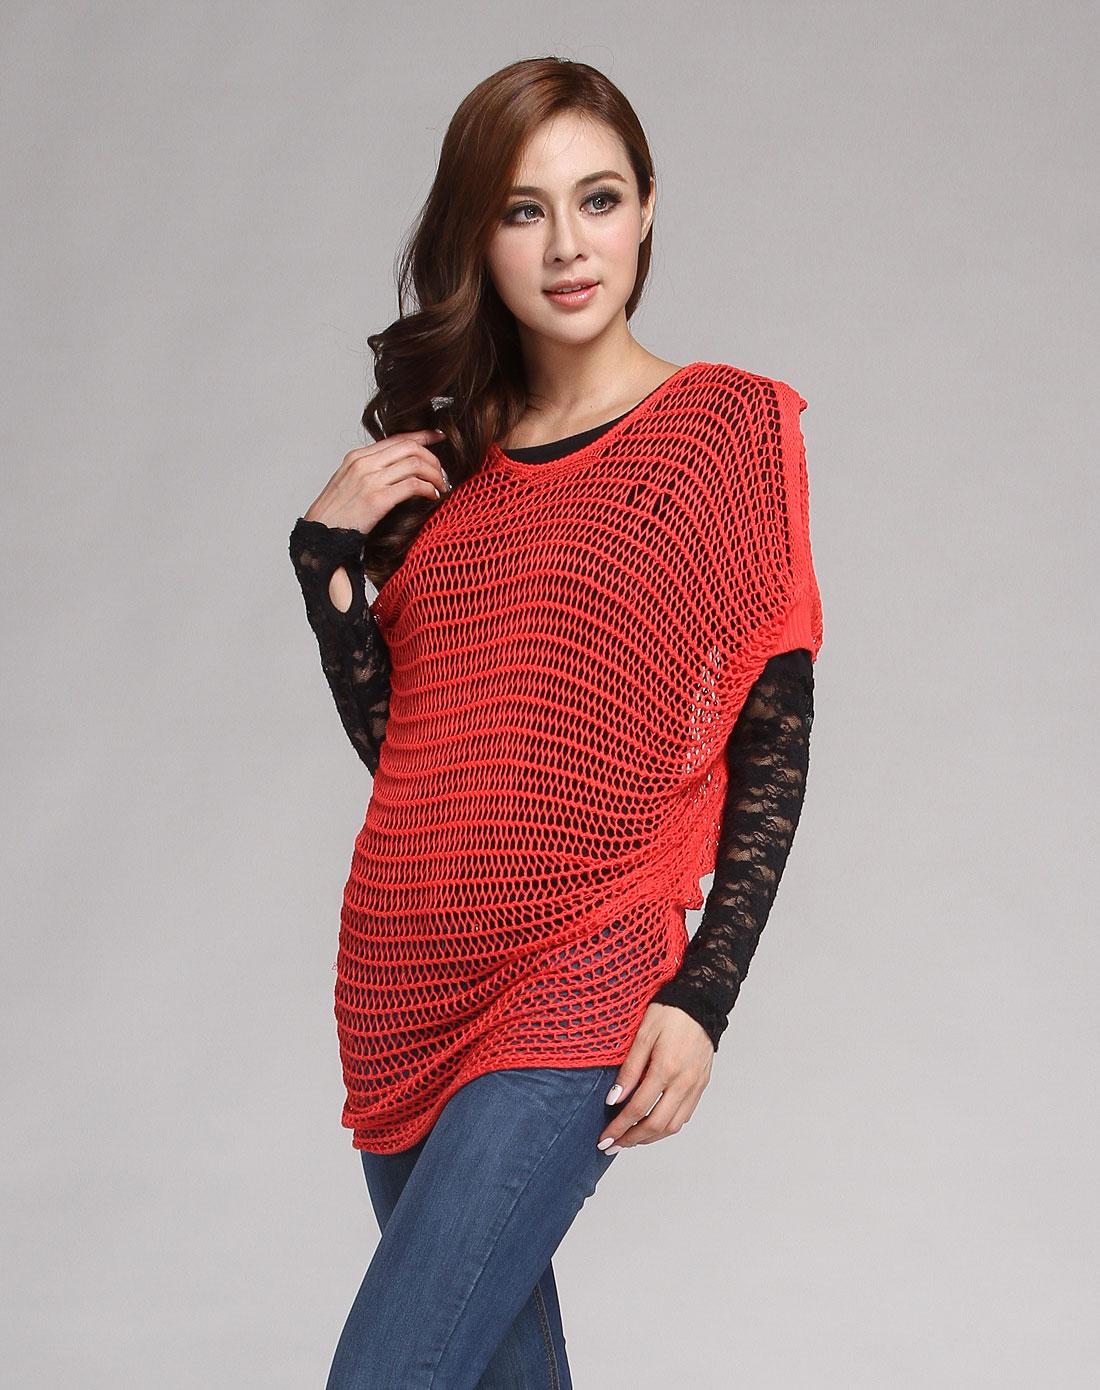 橙红色镂空蝙蝠袖休闲针织衫